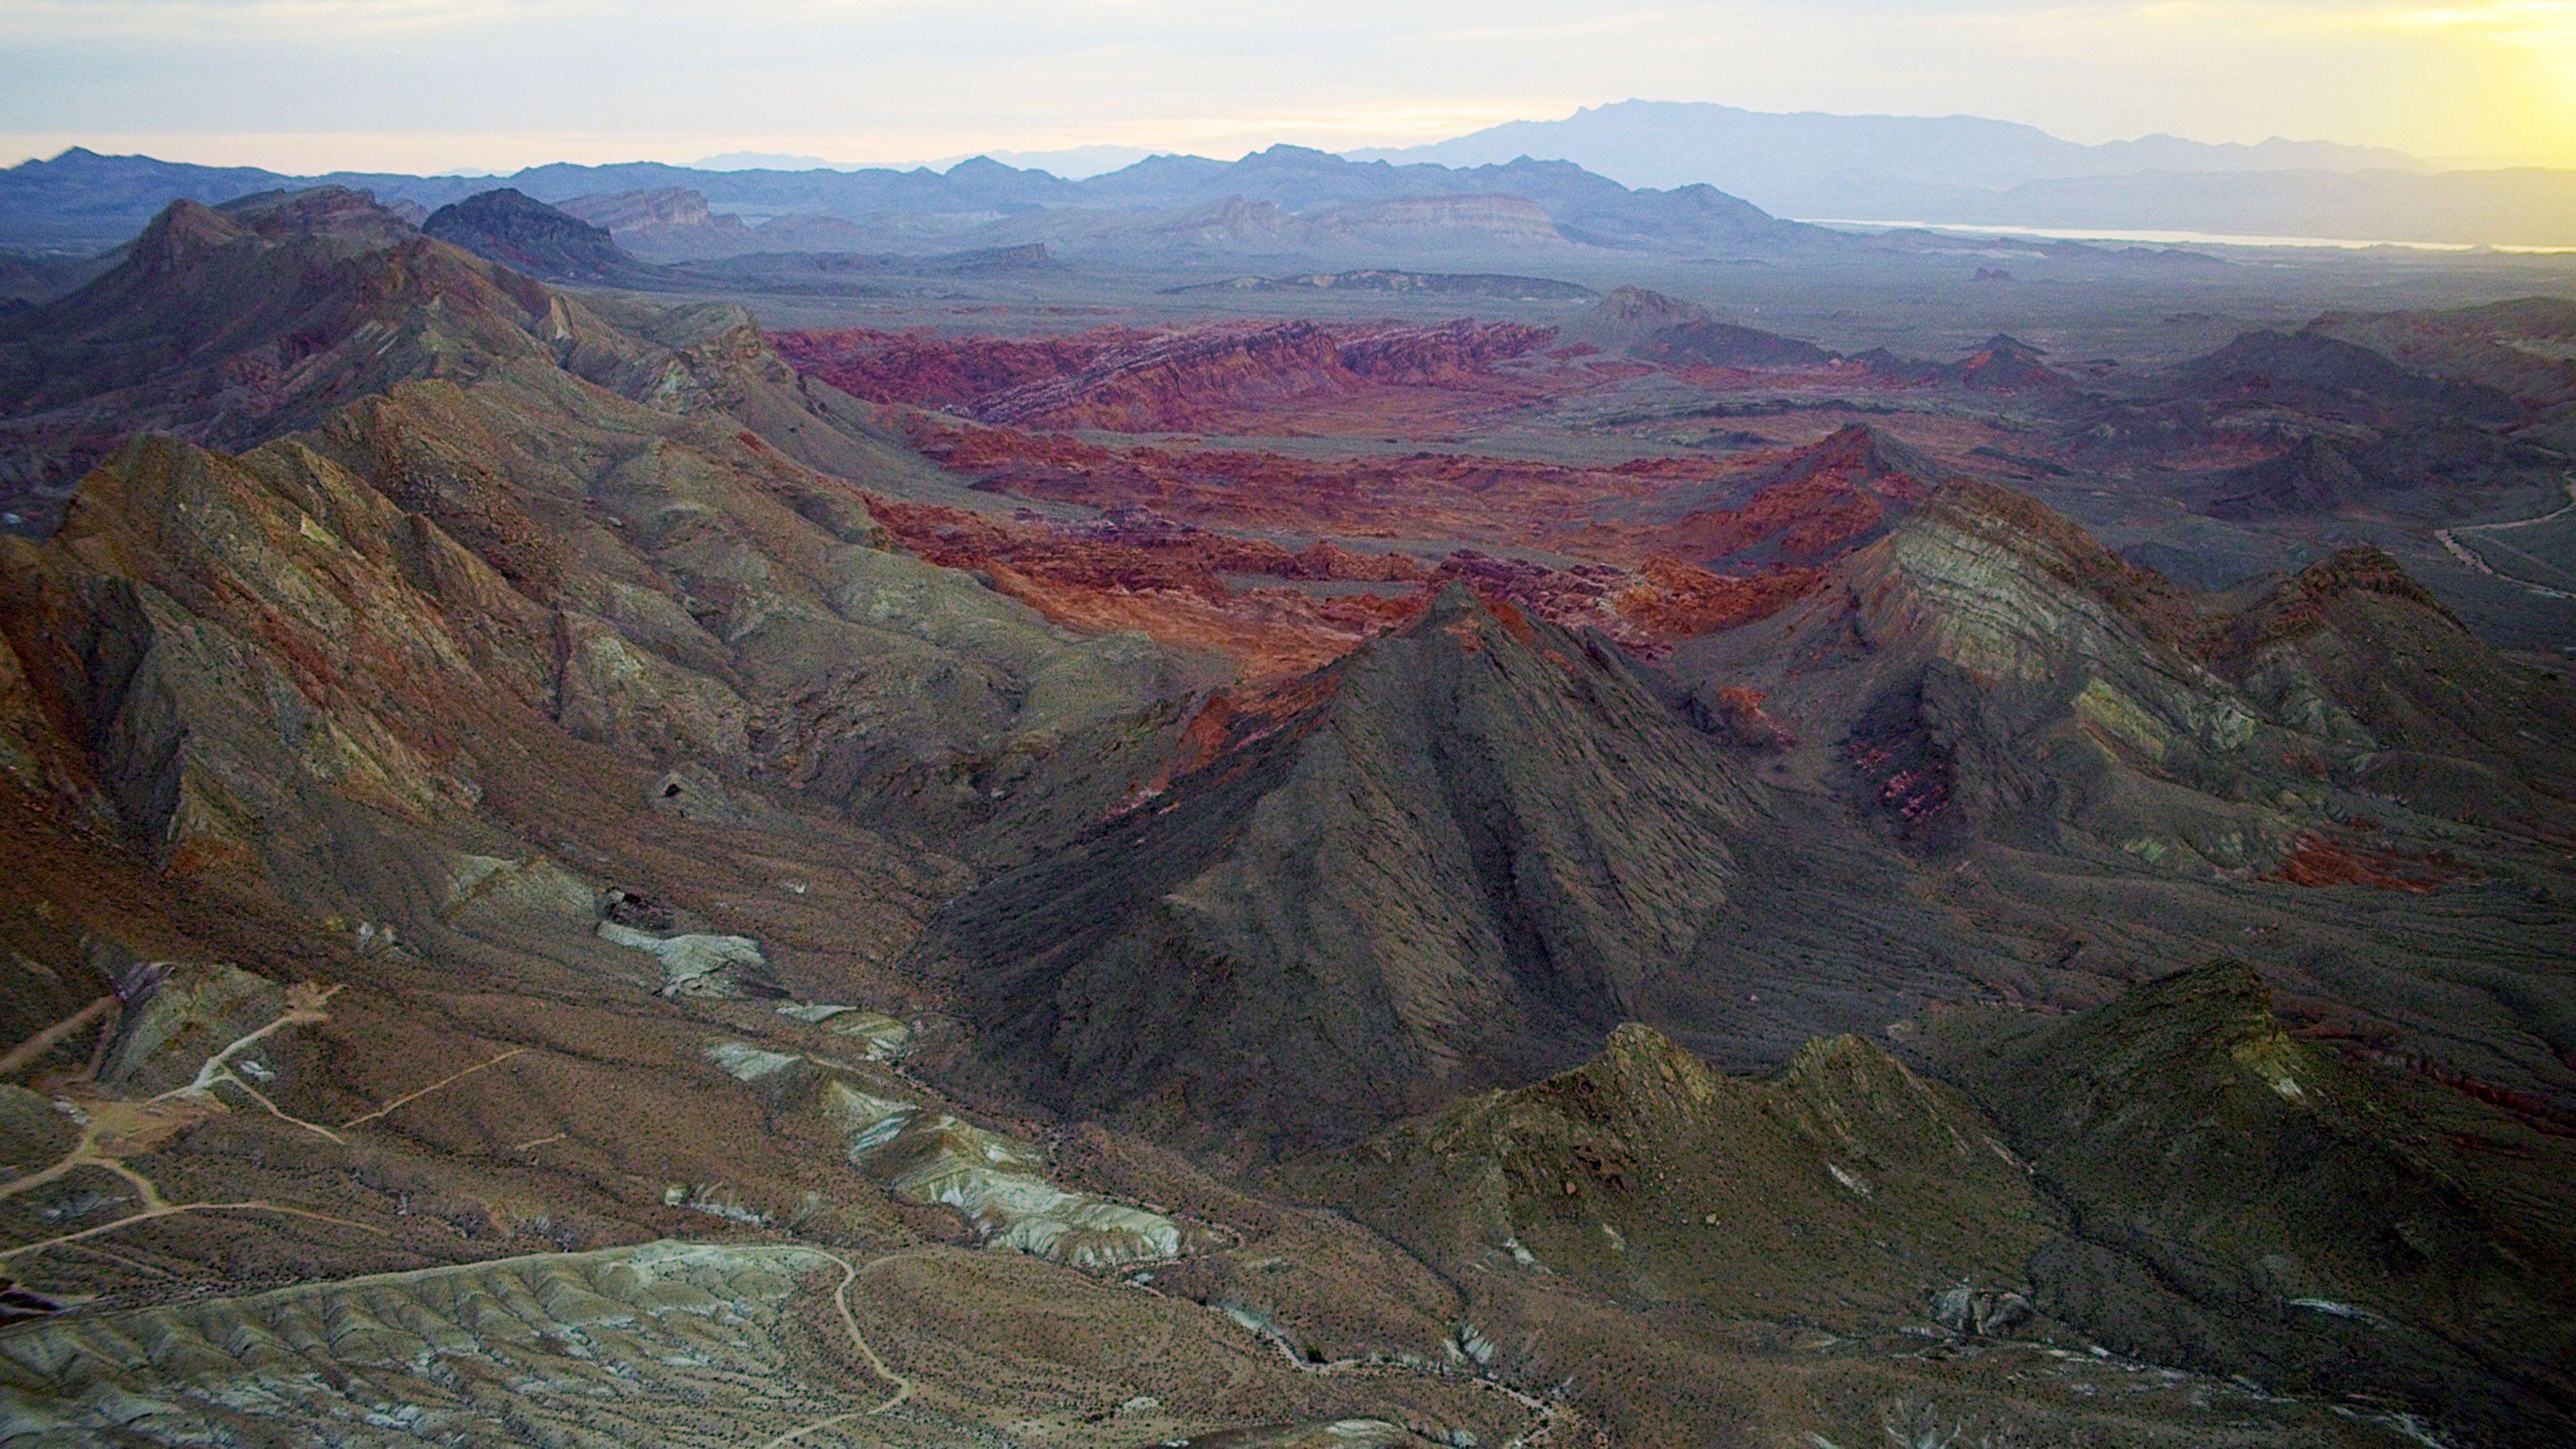 Landscape image of canyons in Arizona